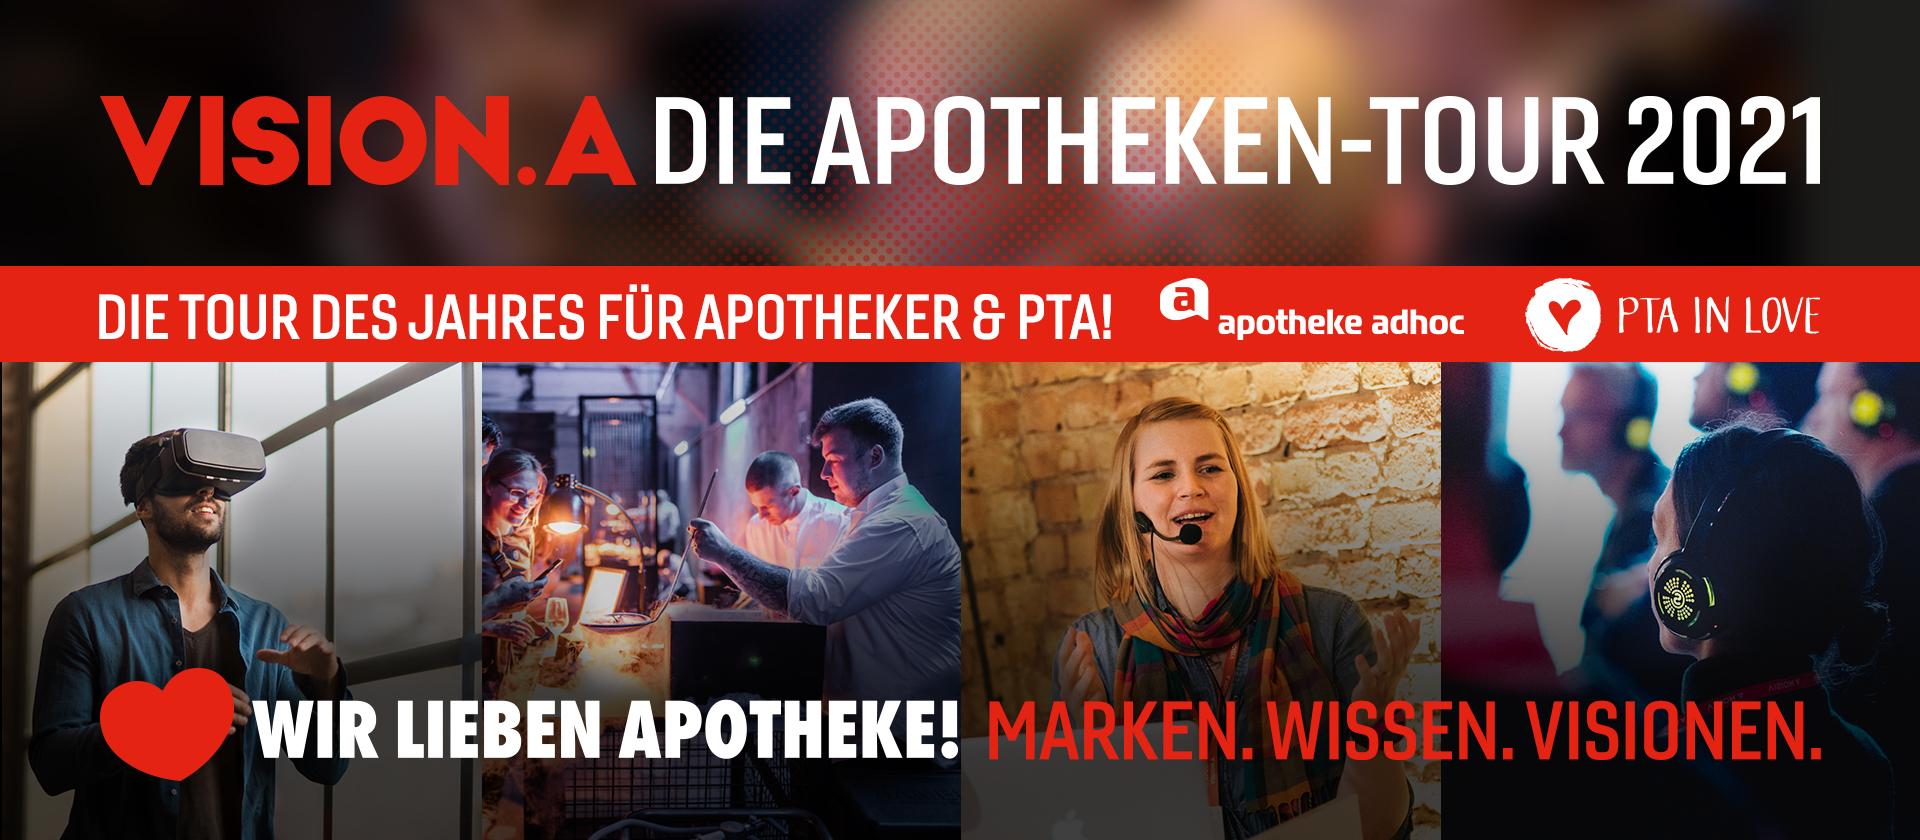 Apotheken-Tour